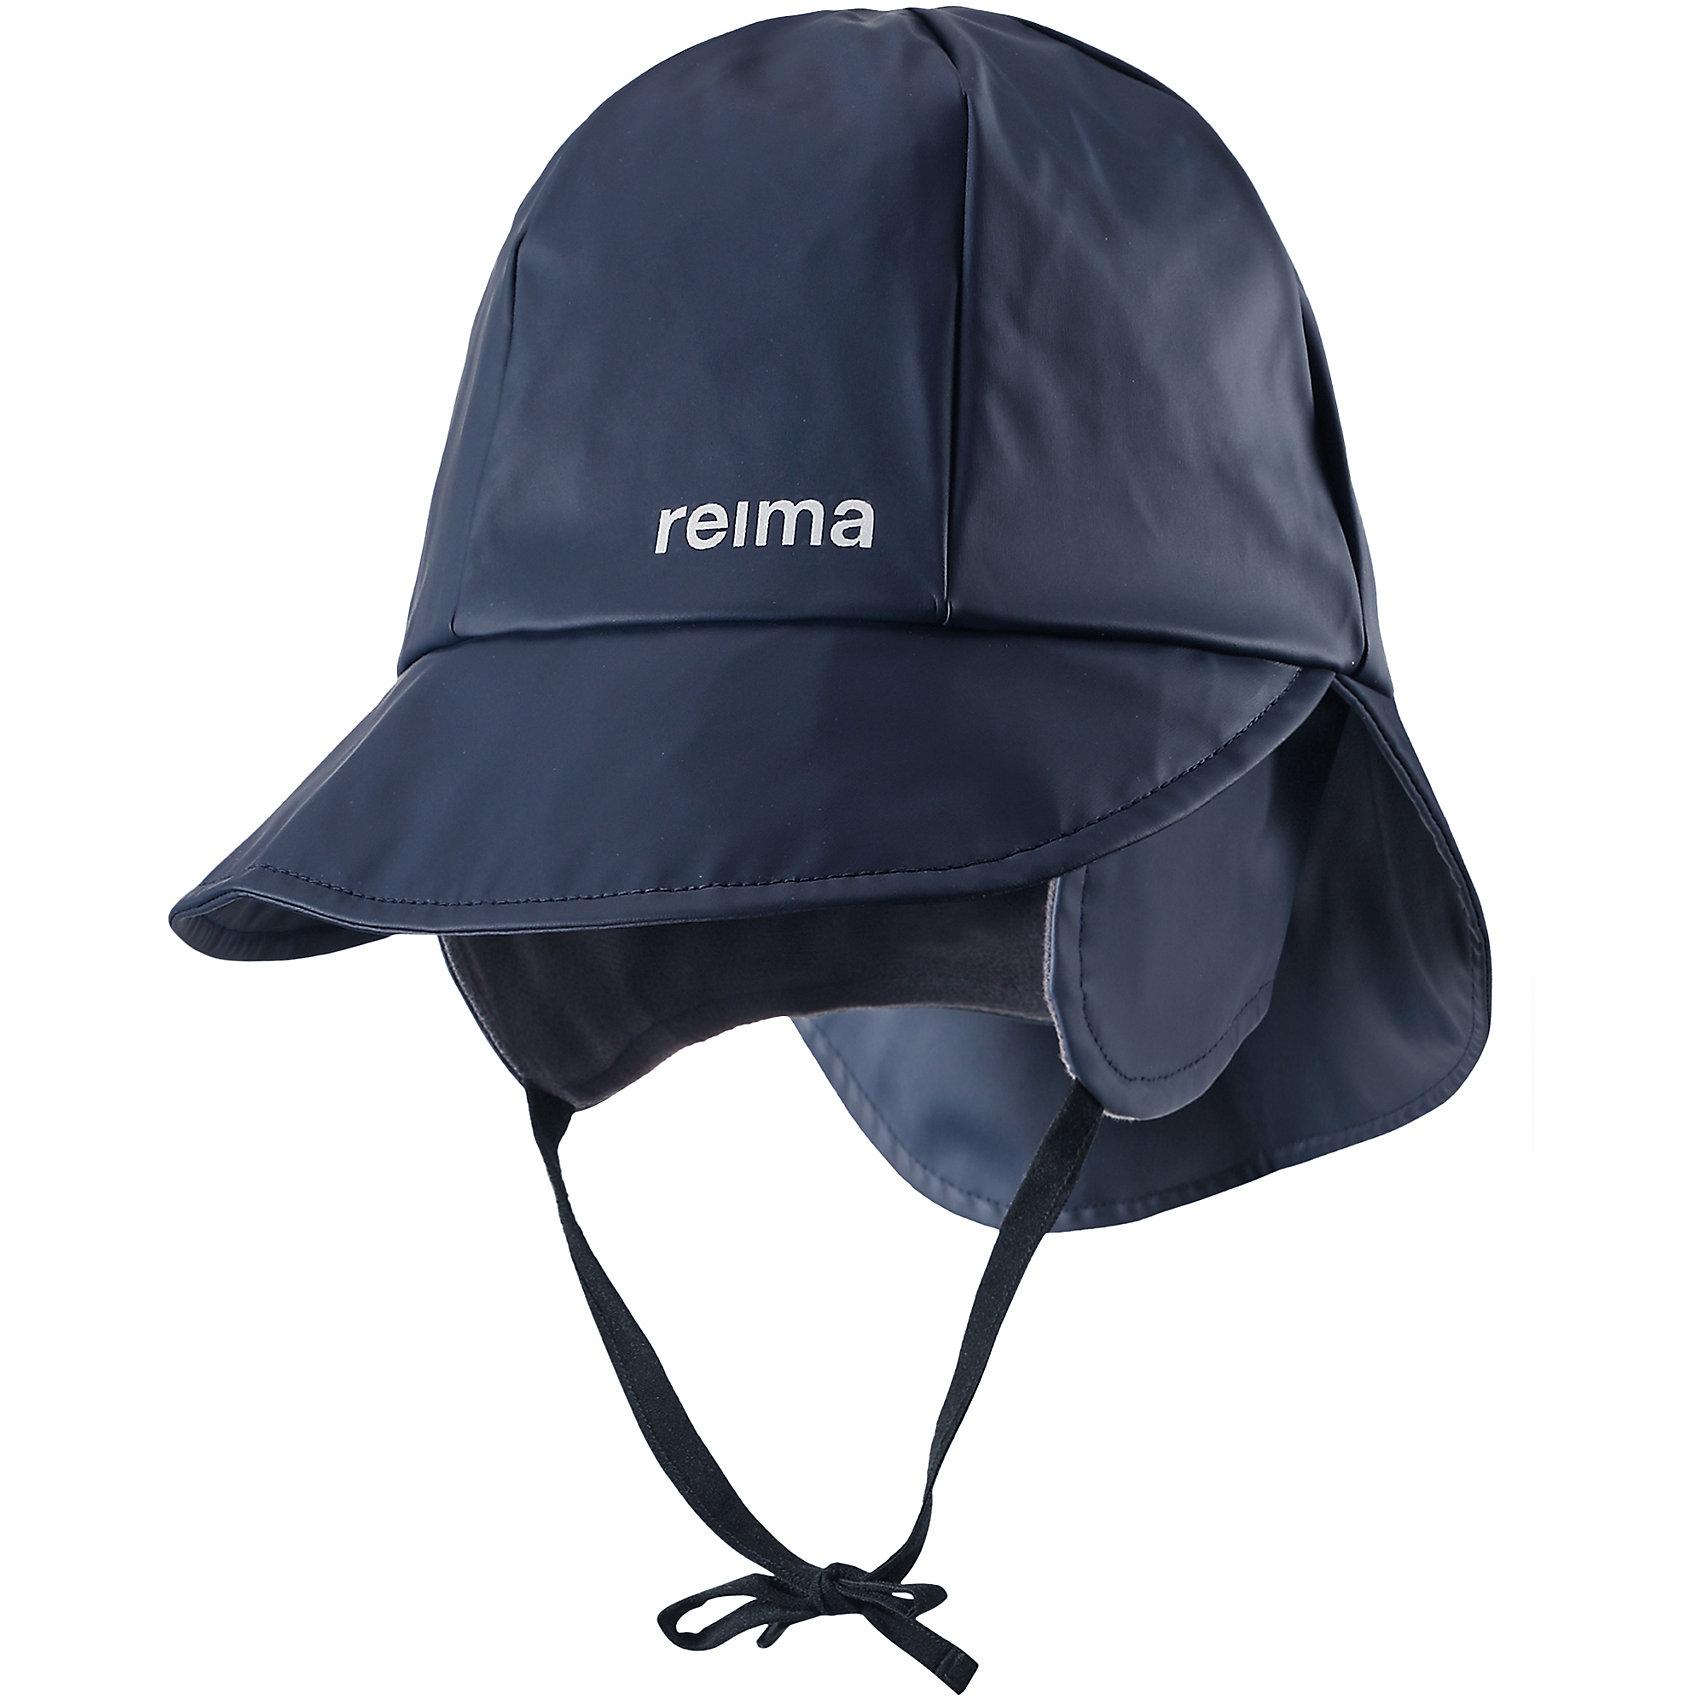 Непромокаемая шапка Rainy для мальчика ReimaШапки и шарфы<br>Характеристики товара:<br><br>• цвет: синий<br>• шапка-дождевик<br>• непромокаемая<br>• состав: 100% полиэстер, полиуретановое покрытие<br>• эластичный материал<br>• швы запаяны<br>• без подкладки<br>• защита ушей от ветра<br>• принт с логотипом<br>• комфортная посадка<br>• страна производства: Китай<br>• страна бренда: Финляндия<br>• коллекция: весна-лето 2017<br><br>Детский головной убор может быть модным и удобным одновременно! Стильная шапка поможет обеспечить ребенку комфорт и дополнить наряд. Она отлично смотрится с различной одеждой. Шапка удобно сидит и аккуратно выглядит. Проста в уходе, долго служит. Стильный дизайн разрабатывался специально для детей. Отличная защита от дождя и ветра!<br><br>Одежда и обувь от финского бренда Reima пользуется популярностью во многих странах. Эти изделия стильные, качественные и удобные. Для производства продукции используются только безопасные, проверенные материалы и фурнитура. Порадуйте ребенка модными и красивыми вещами от Reima! <br><br>Шапку для мальчика от финского бренда Reima (Рейма) можно купить в нашем интернет-магазине.<br><br>Ширина мм: 89<br>Глубина мм: 117<br>Высота мм: 44<br>Вес г: 155<br>Цвет: синий<br>Возраст от месяцев: 6<br>Возраст до месяцев: 9<br>Пол: Мужской<br>Возраст: Детский<br>Размер: 46,56,48,50,52,54<br>SKU: 5267985